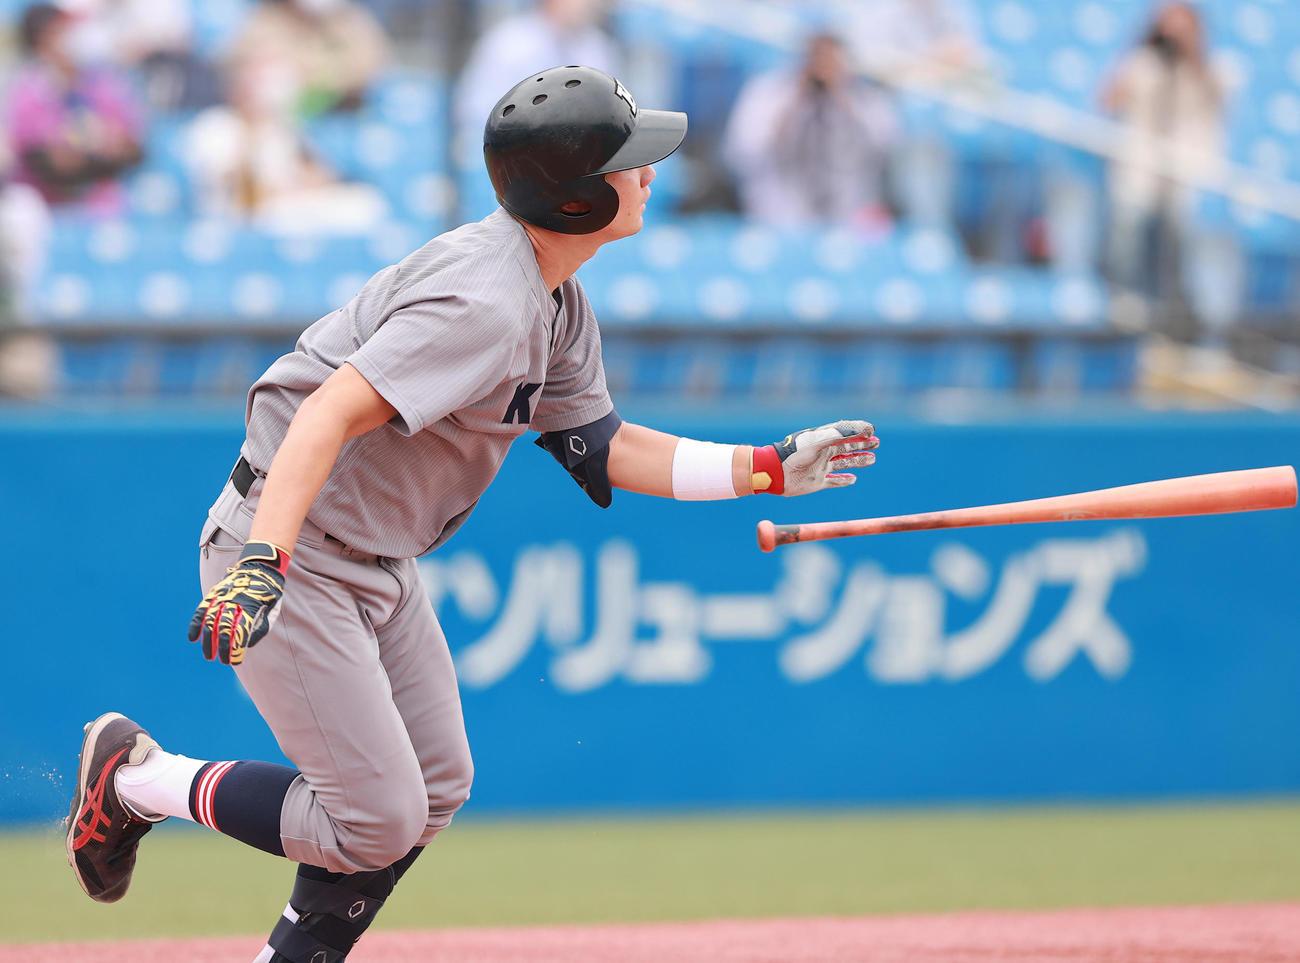 慶大対福井工大 1回表慶大2死一塁、先制2点本塁打を放つ正木(撮影・野上伸悟)